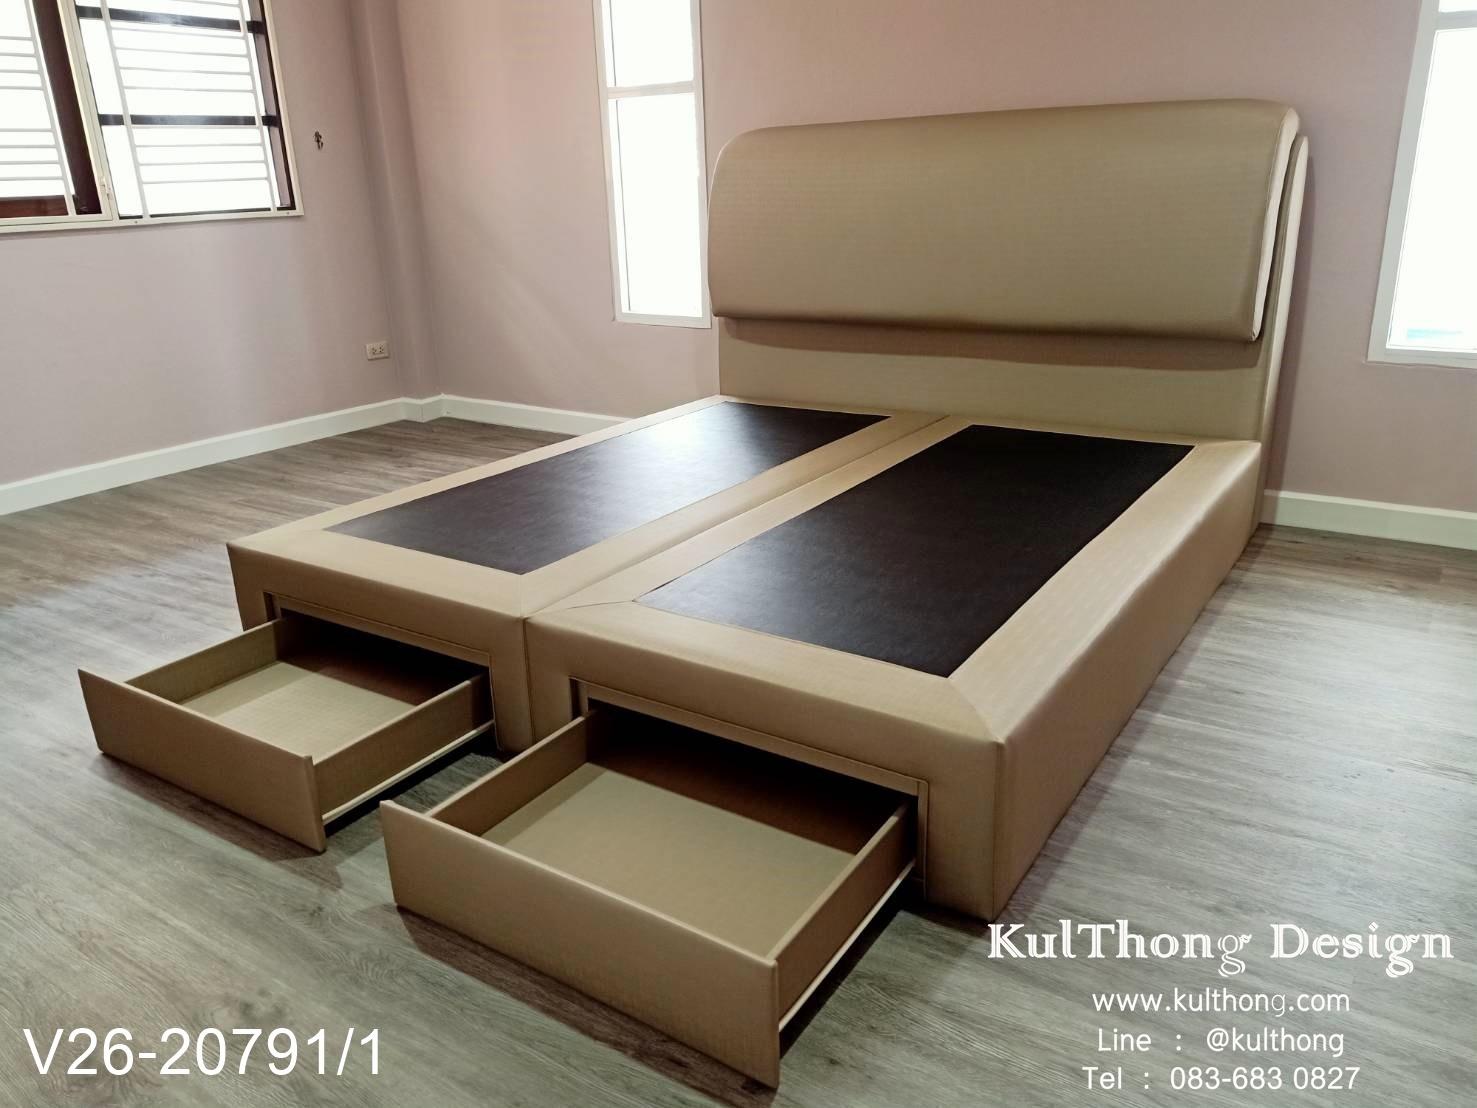 เตียงลิ้นชัก เตียงหุ้มหนังมีลิ้นชัก ฐานรองที่นอน